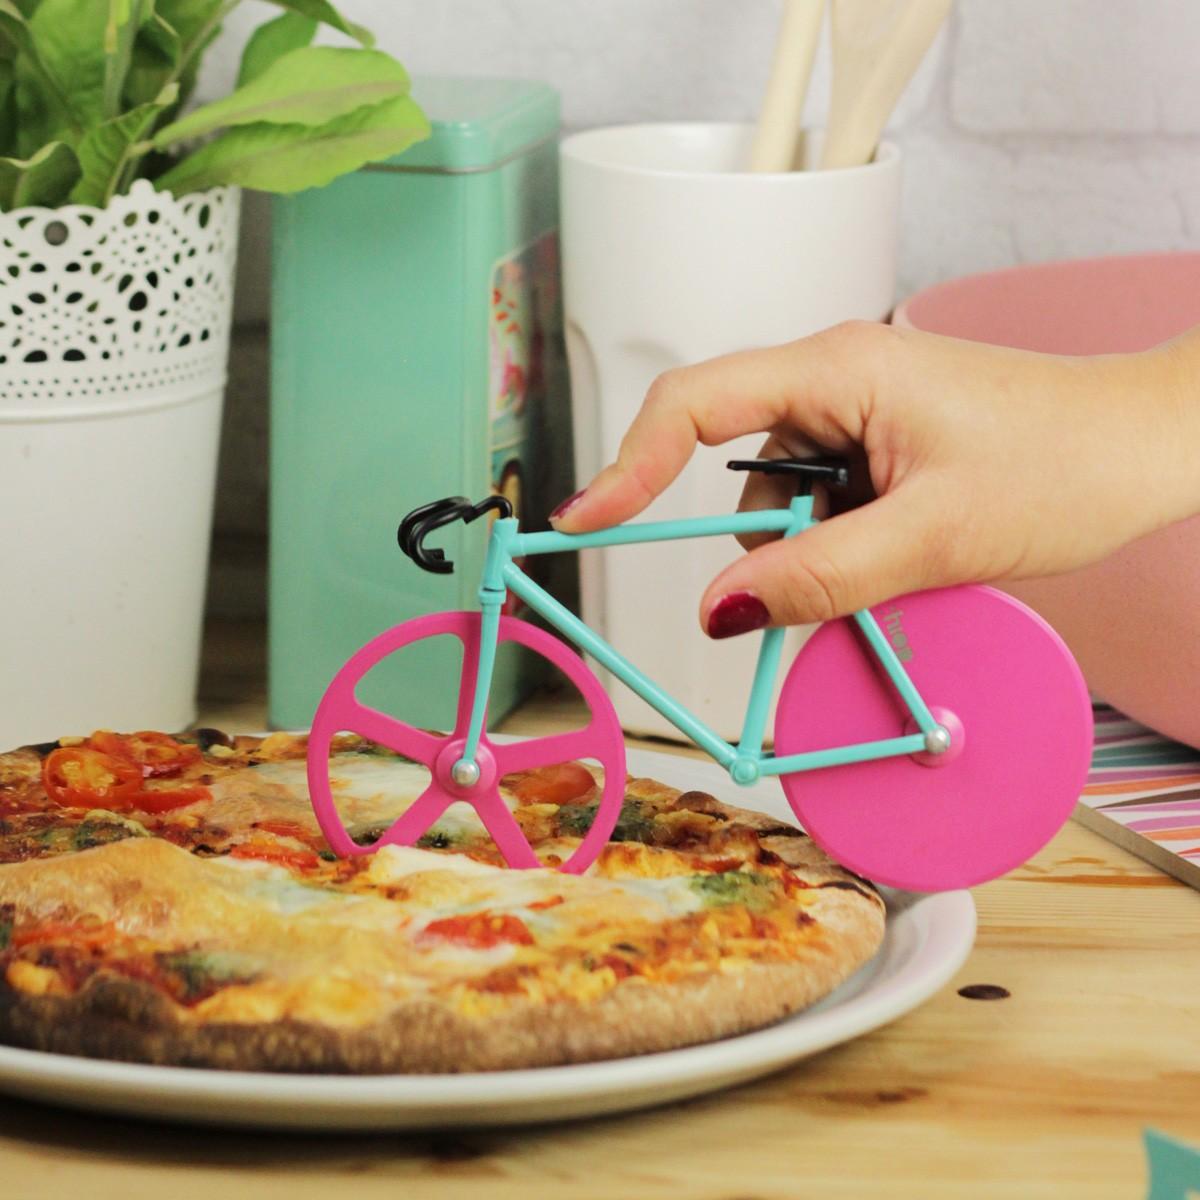 Radełko do pizzy w kształcie roweru